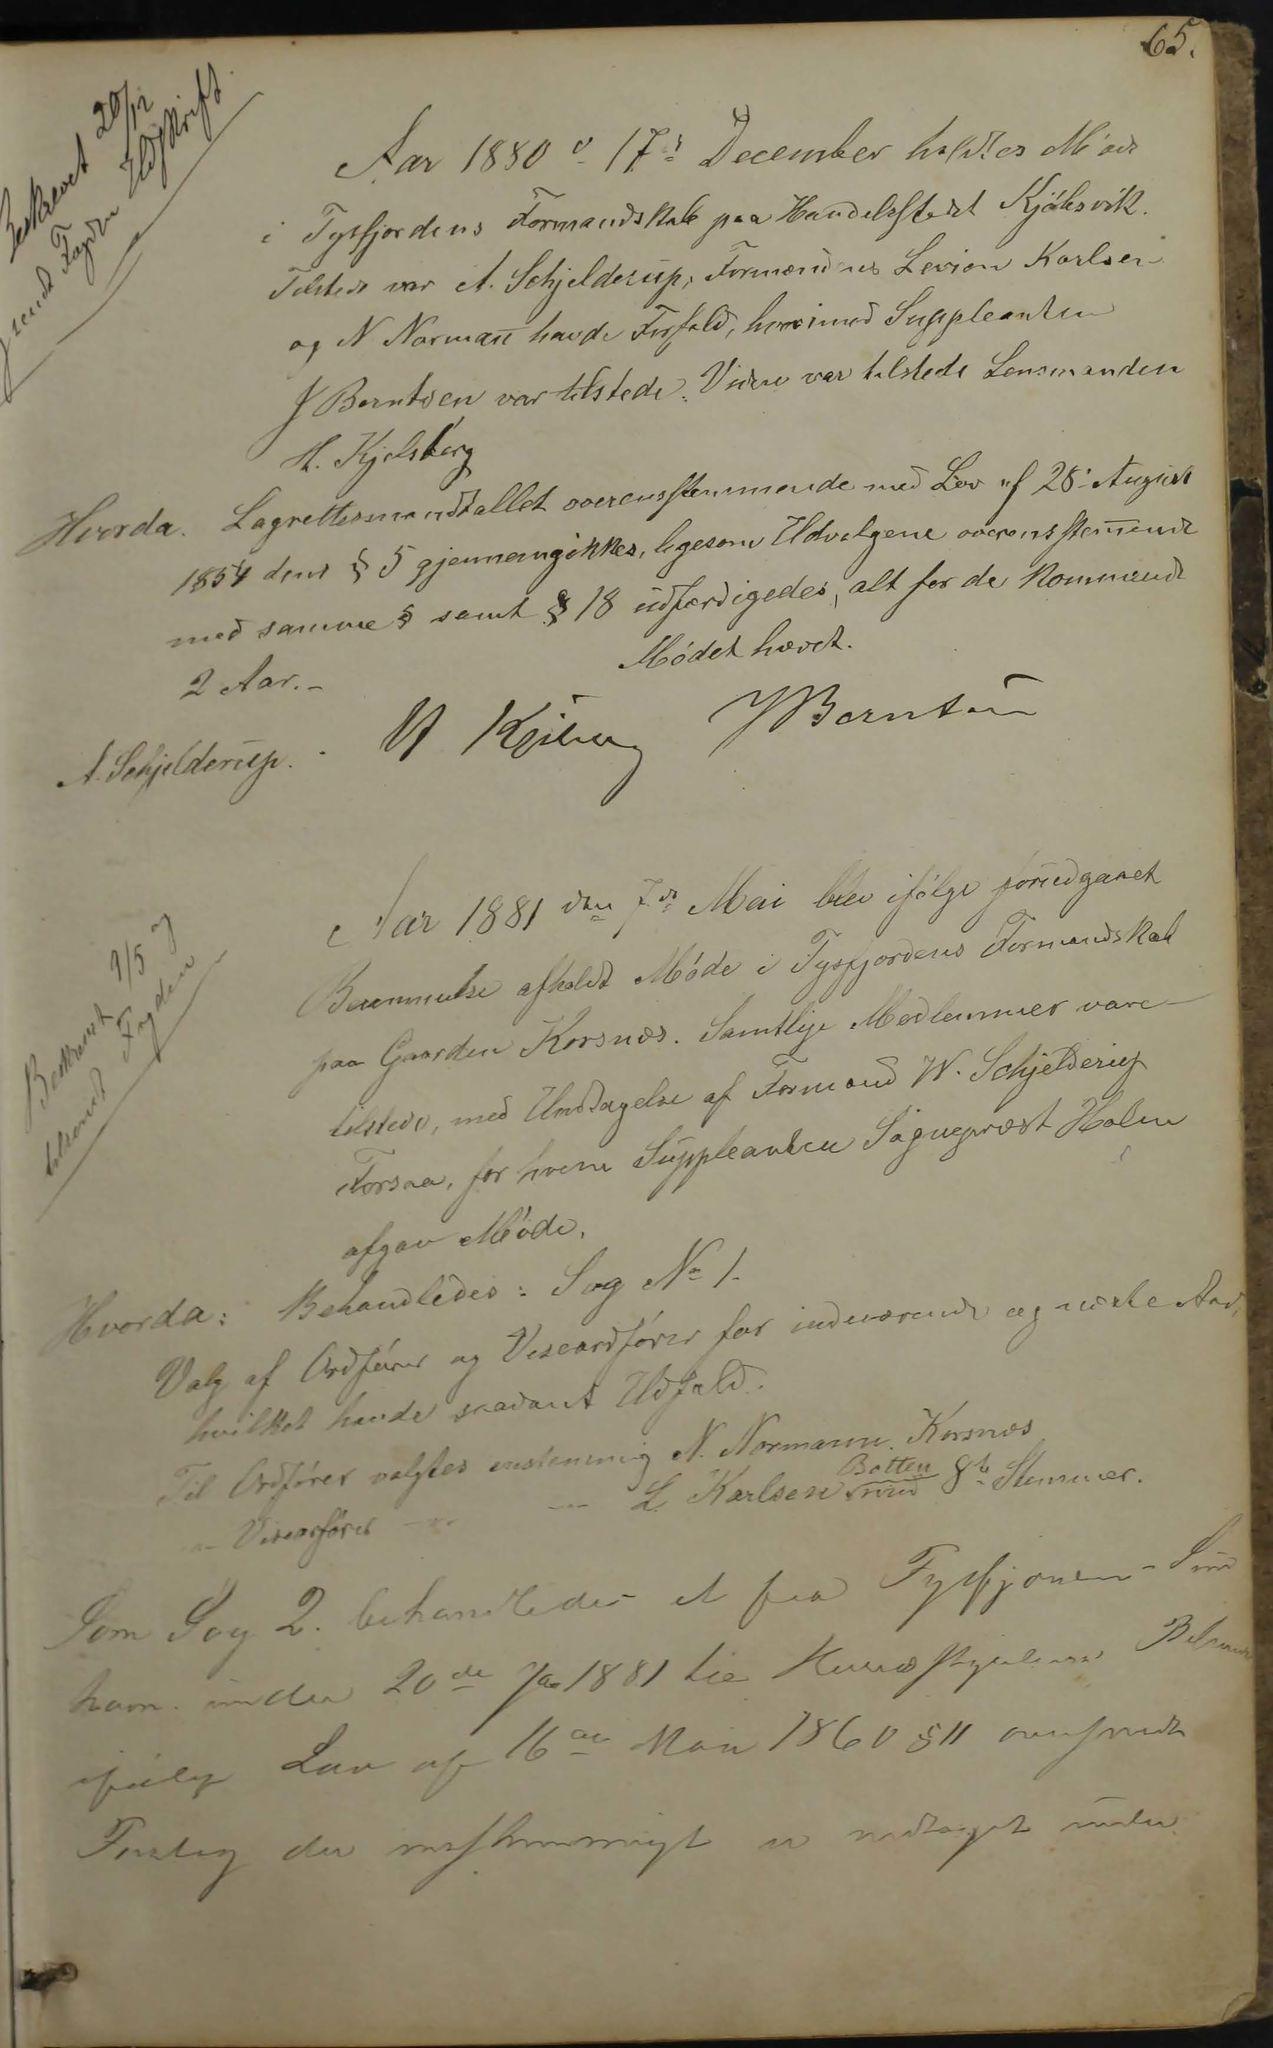 AIN, Tysfjord kommune. Formannskapet, 100/L0001: Forhandlingsprotokoll for Tysfjordens formandskab, 1869-1895, s. 65